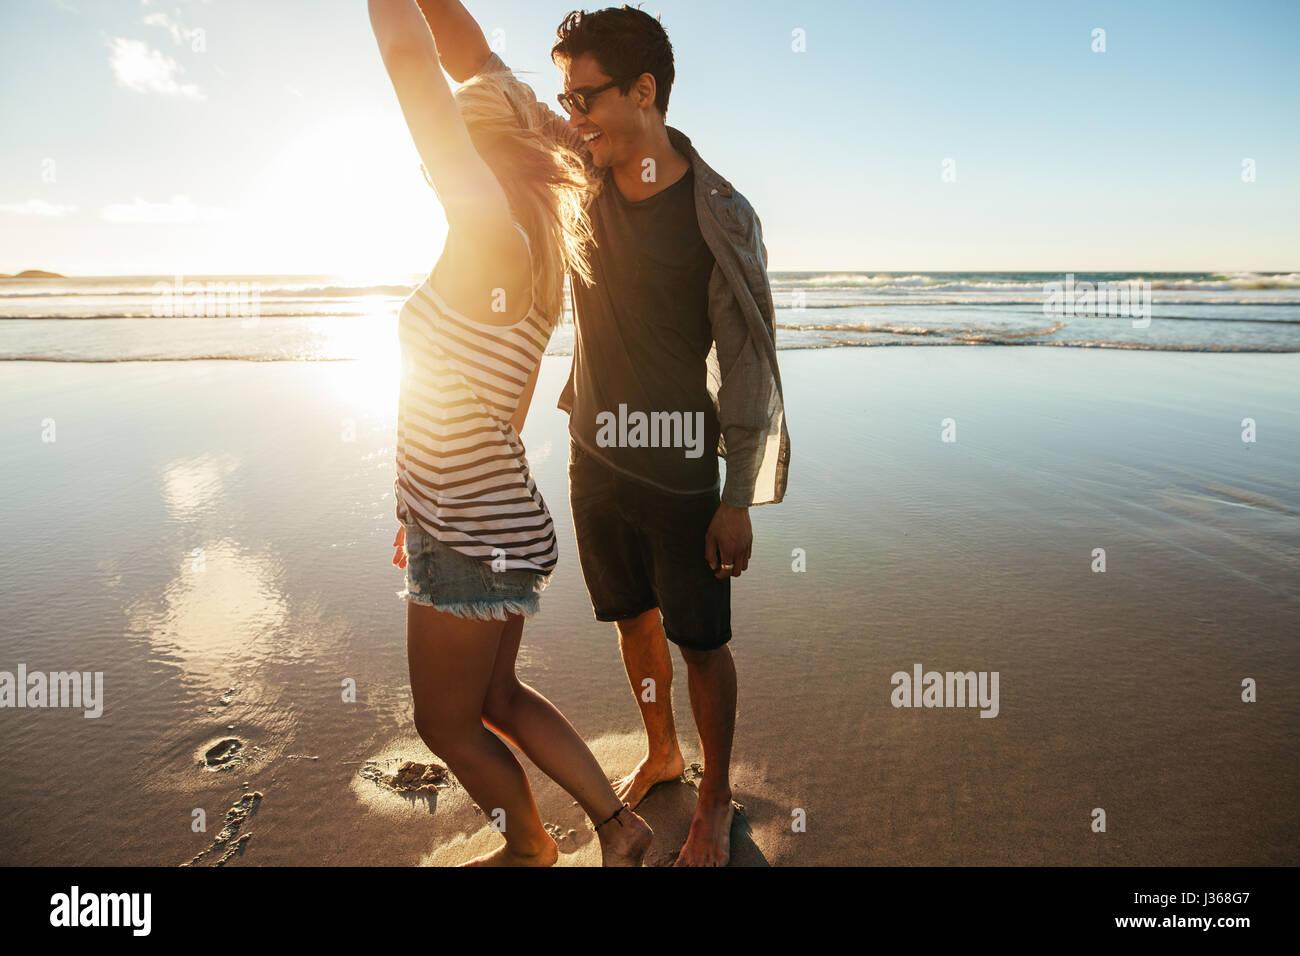 Coup de jeune couple aimant danser sur la plage un jour d'été. Jeune homme et femme dansant sur la Photo Stock